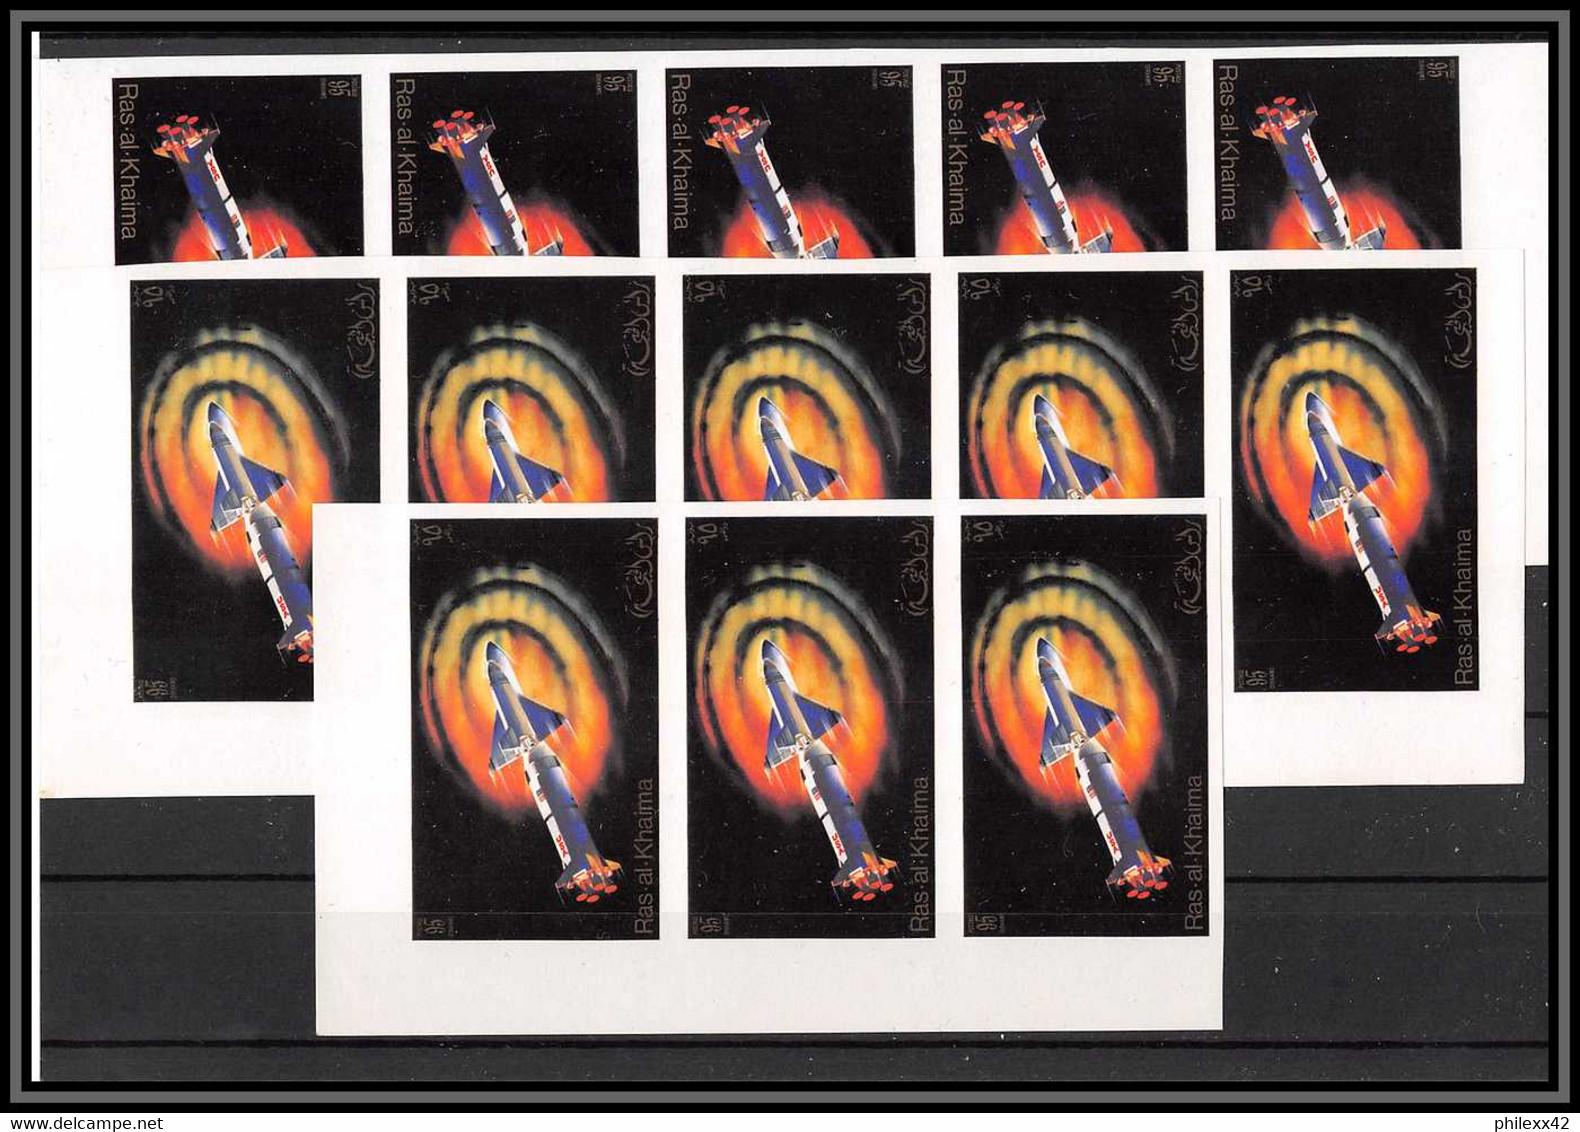 Départ 1 Euro - Stock/lot De 111 Timbres Michel N°755 B  Non Dentelés   ** MNH Non Dentelé Imperf Stamps Ras Al Khaima - Collections (without Album)